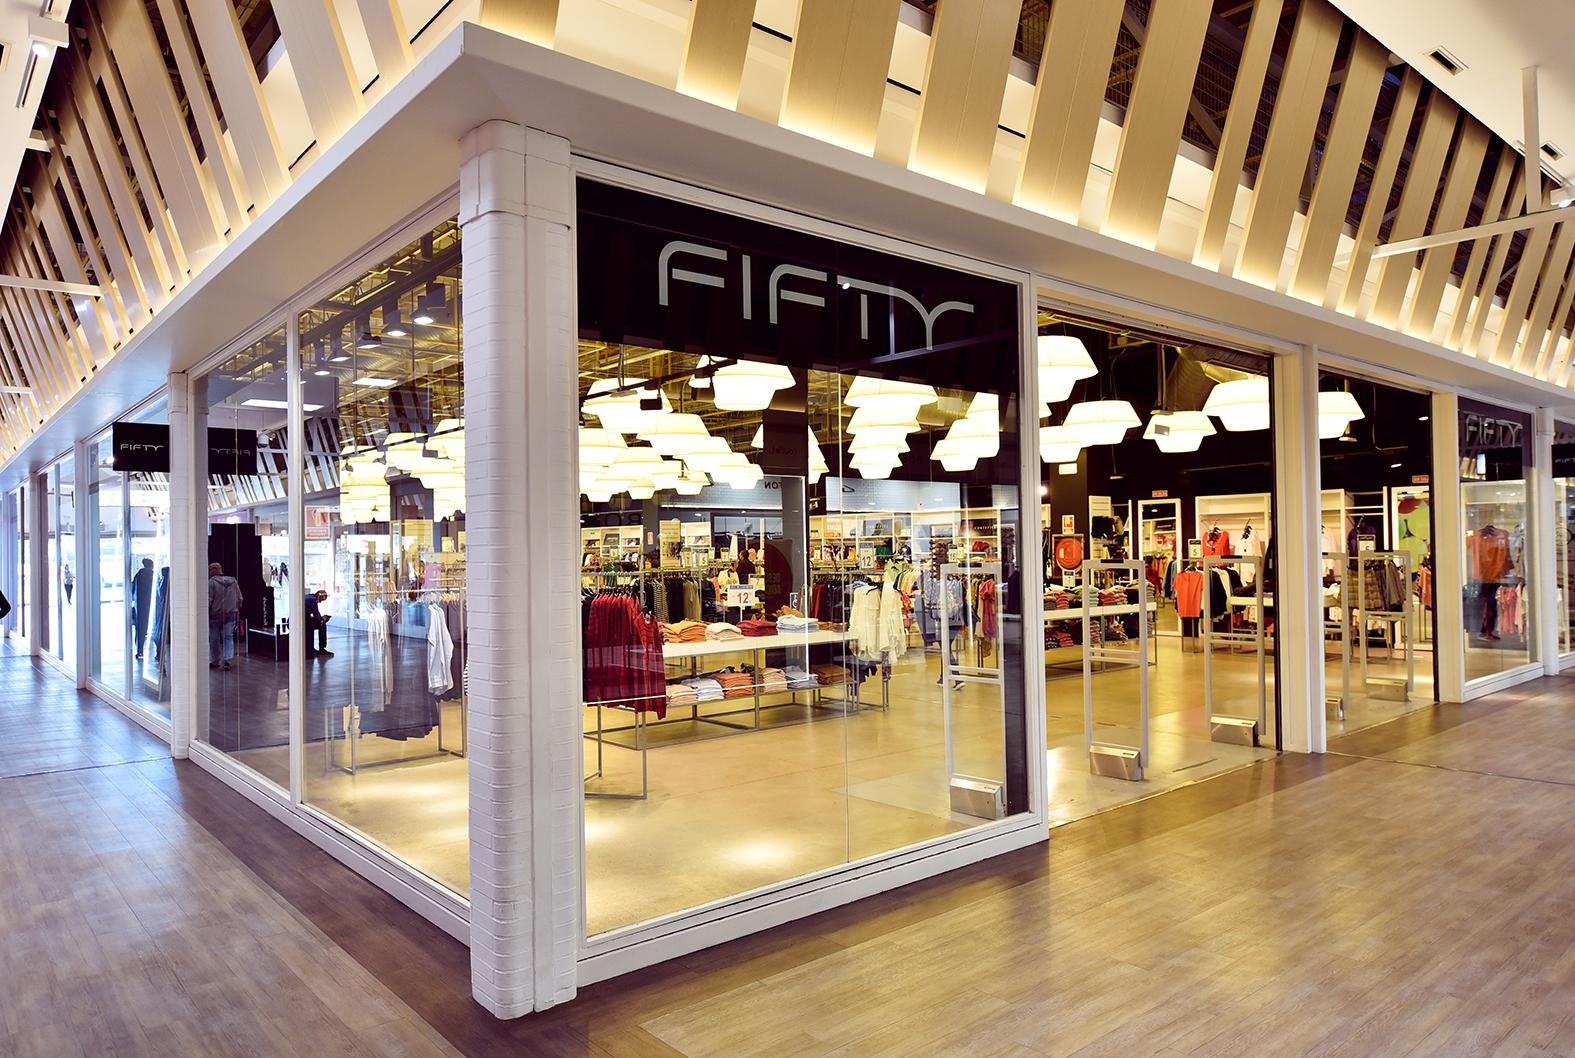 tiendas fifty factory